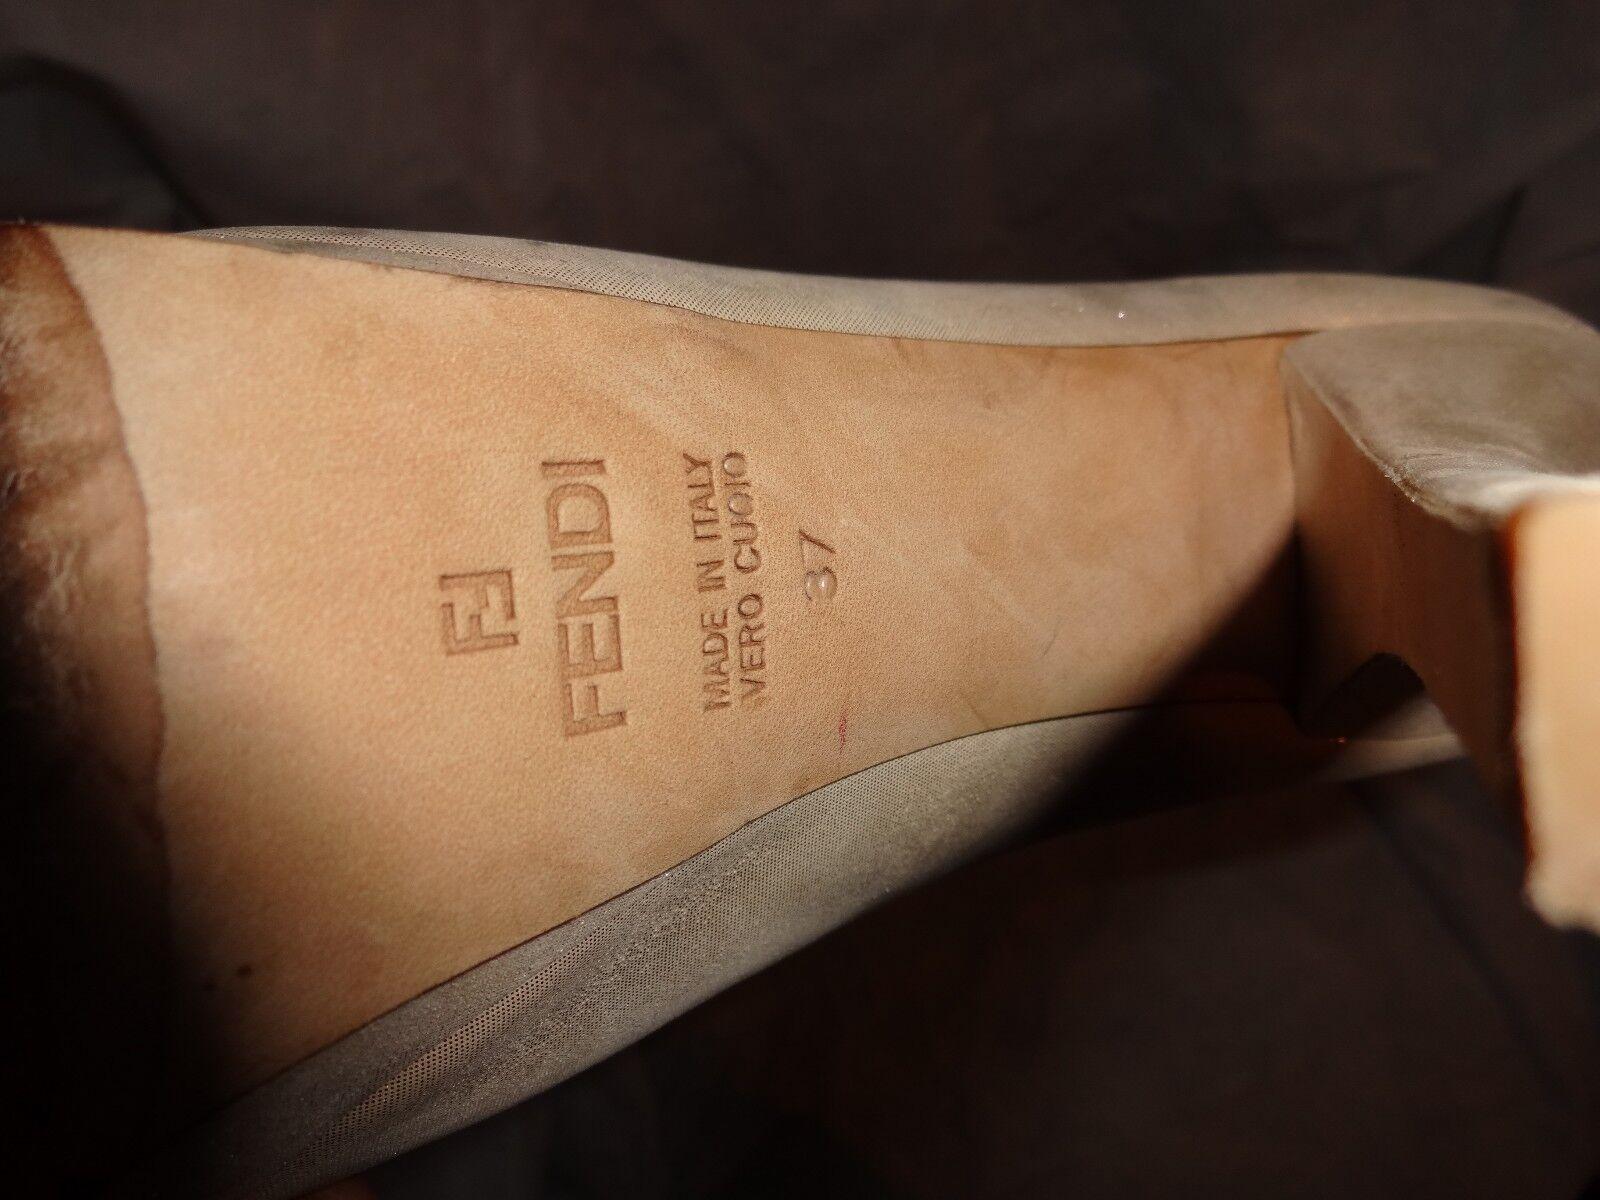 fendi femmes escarpins lumière or soyeux escarpins femmes talon en cuir taille vgc 2f3679